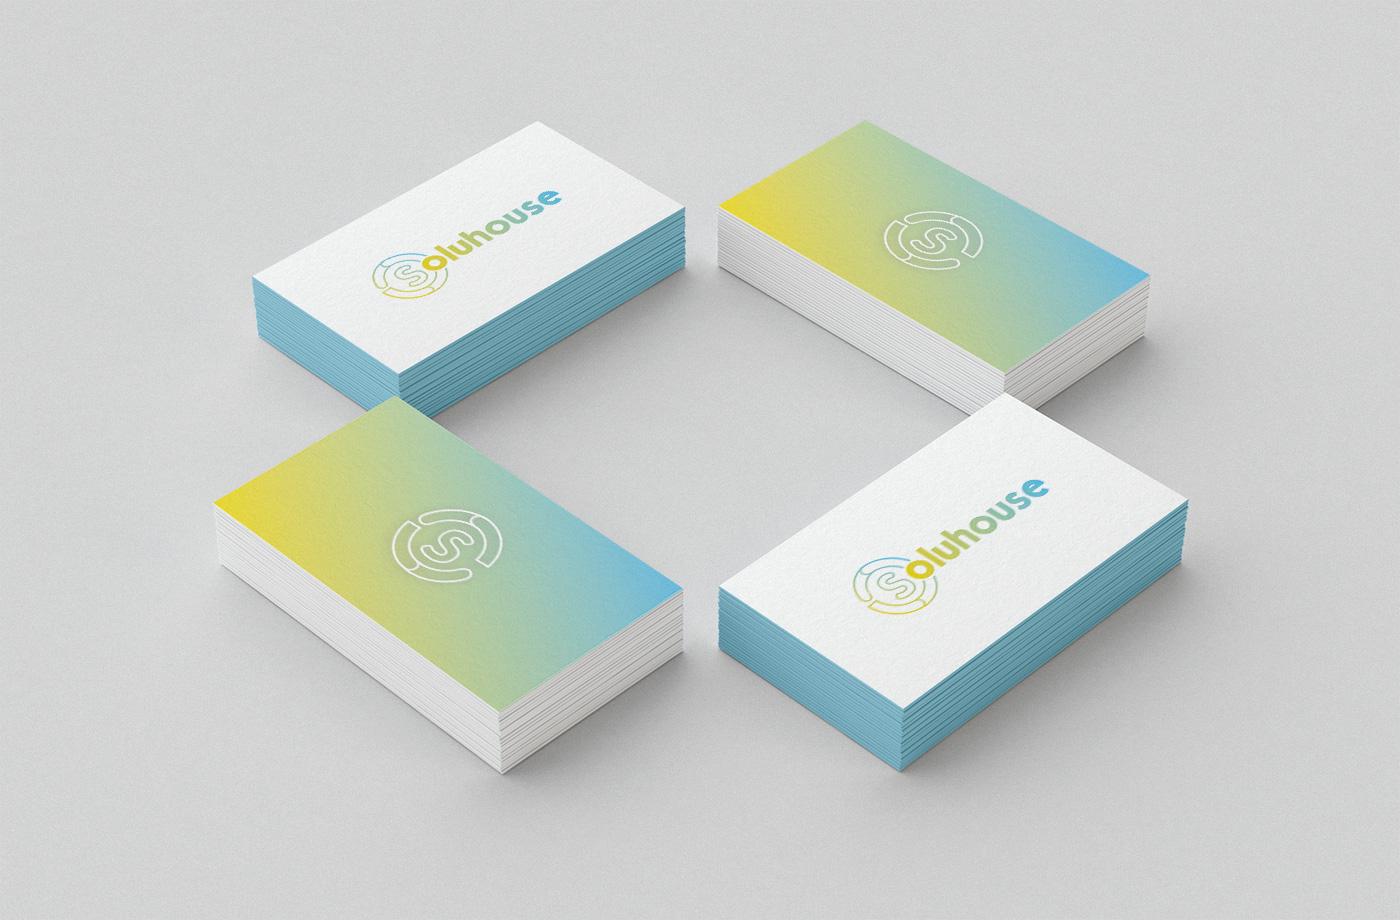 Papelería comercial empresa, Diseño grafico Albacete, branding Albacete, impresión tarjetas visita, SOLUHOUSE